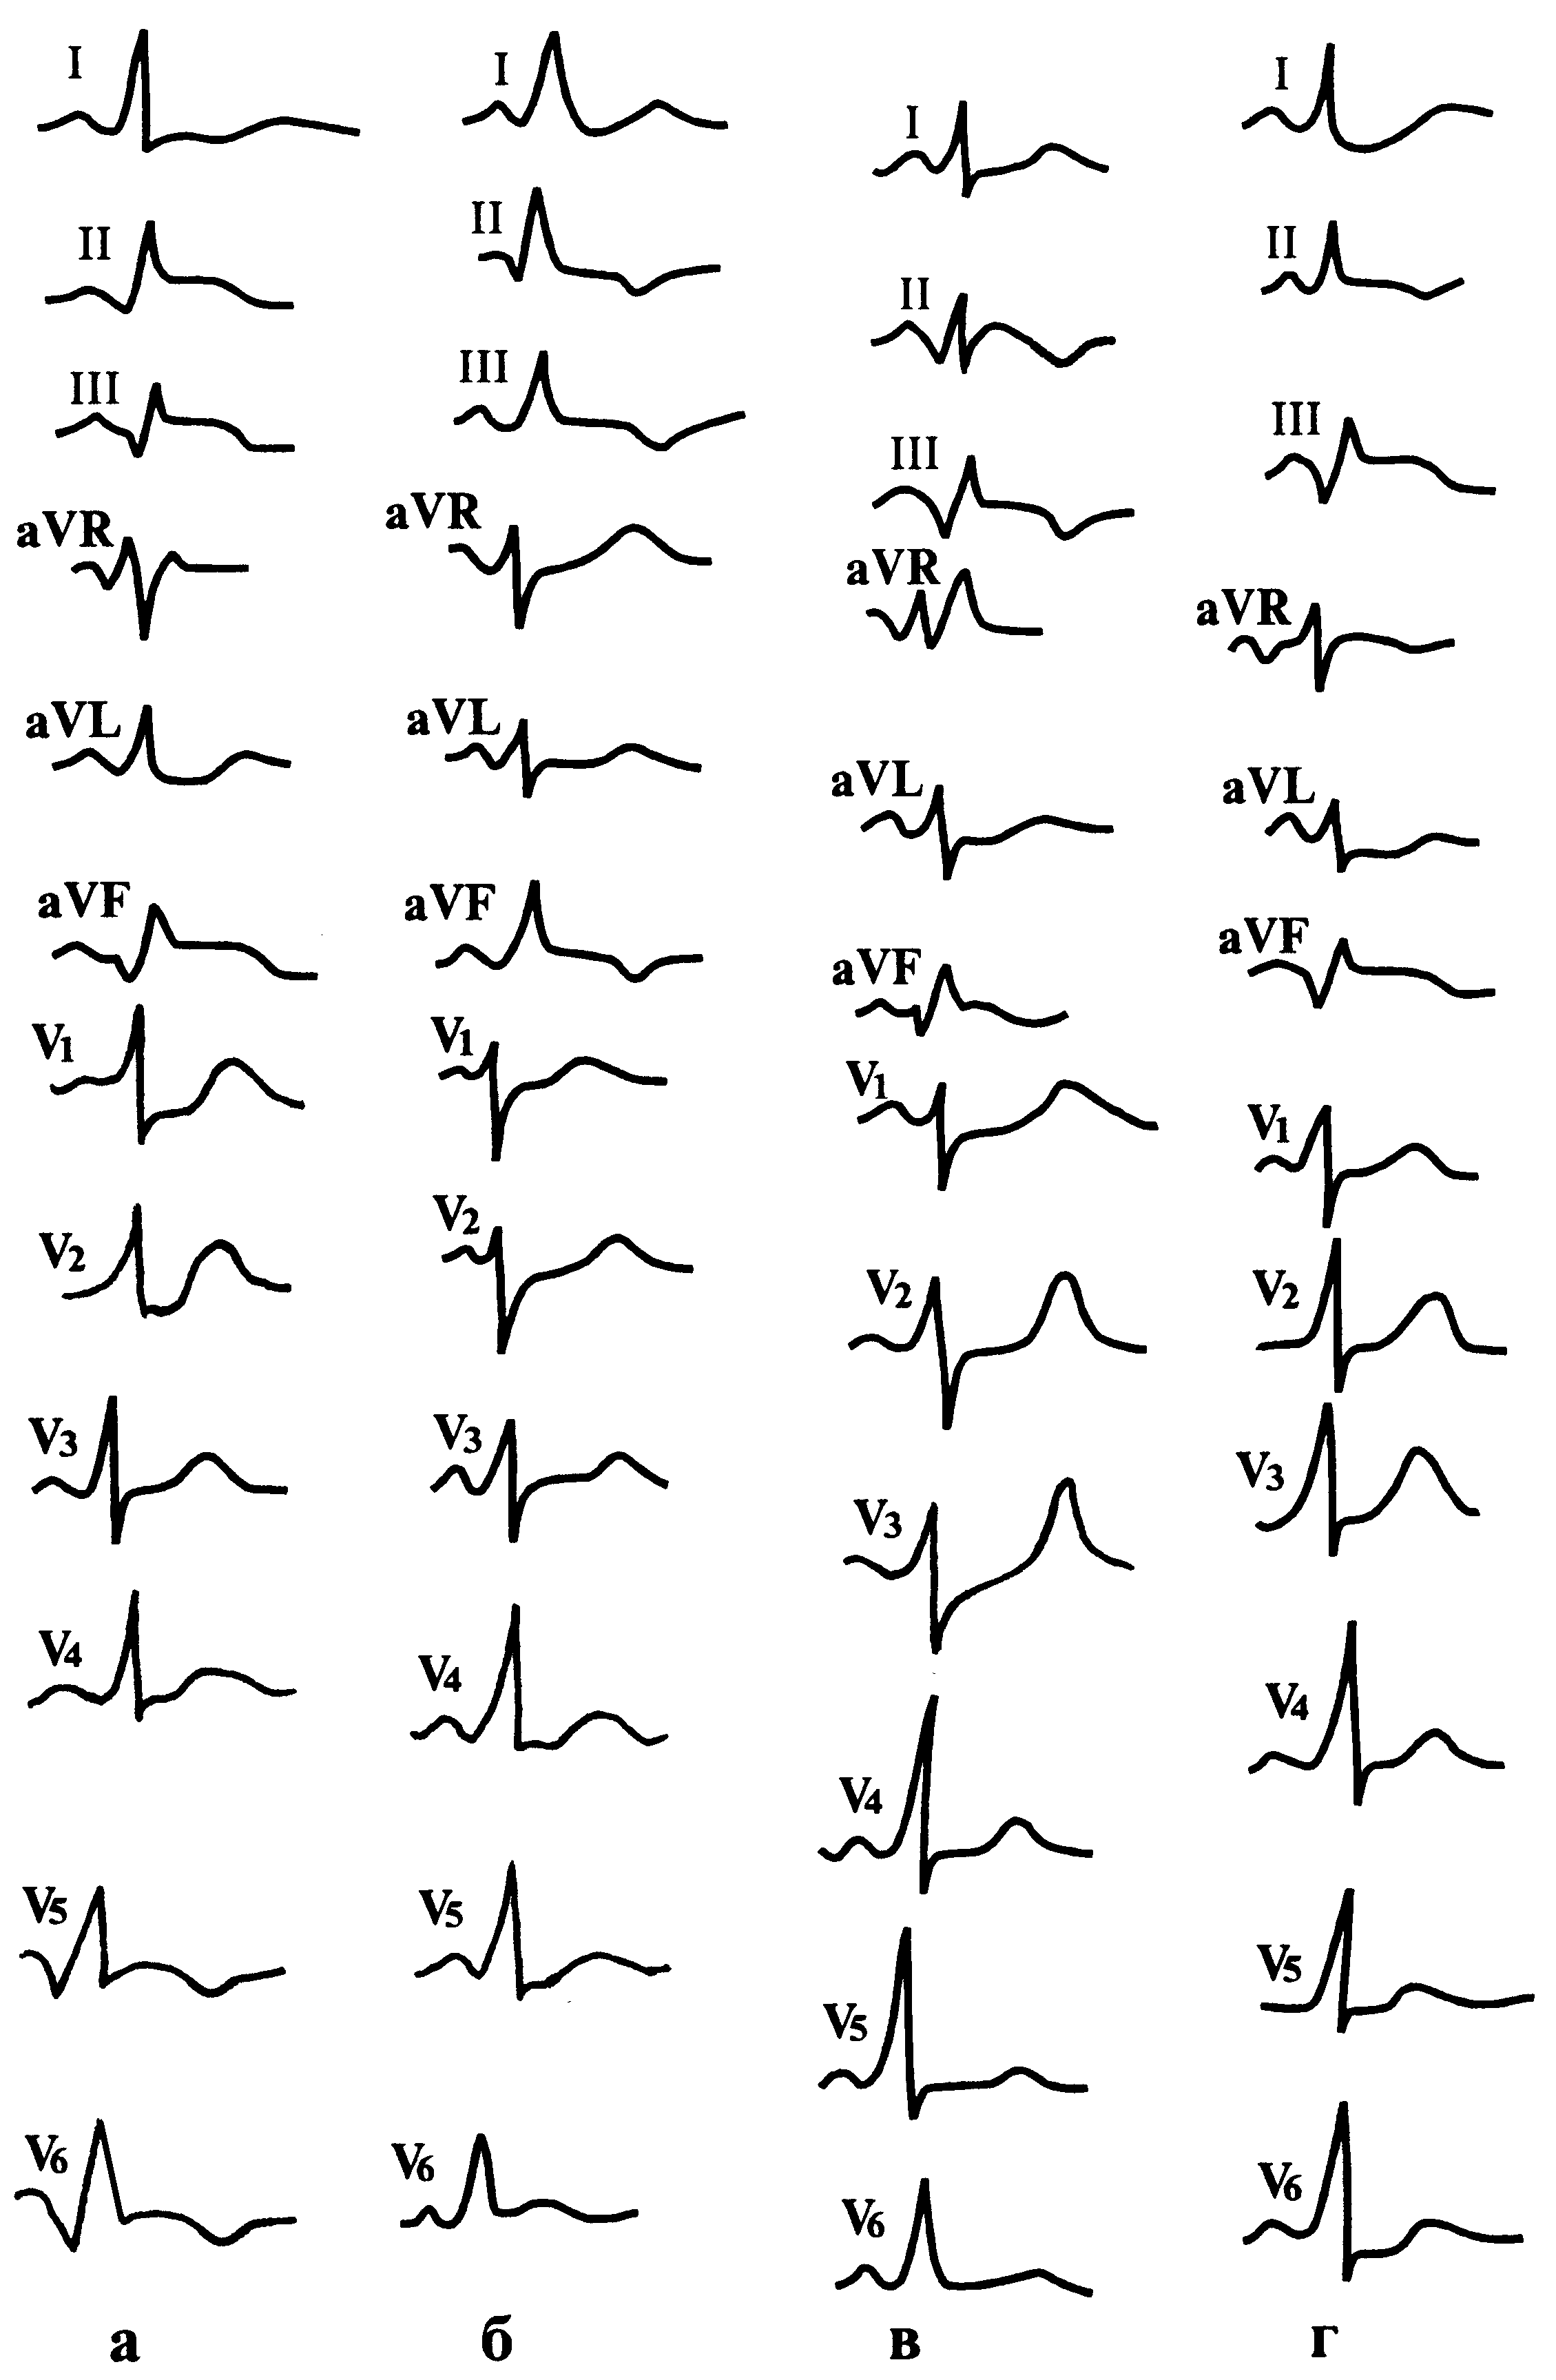 Инфаркт миокарда боковой стенки левого желудочка